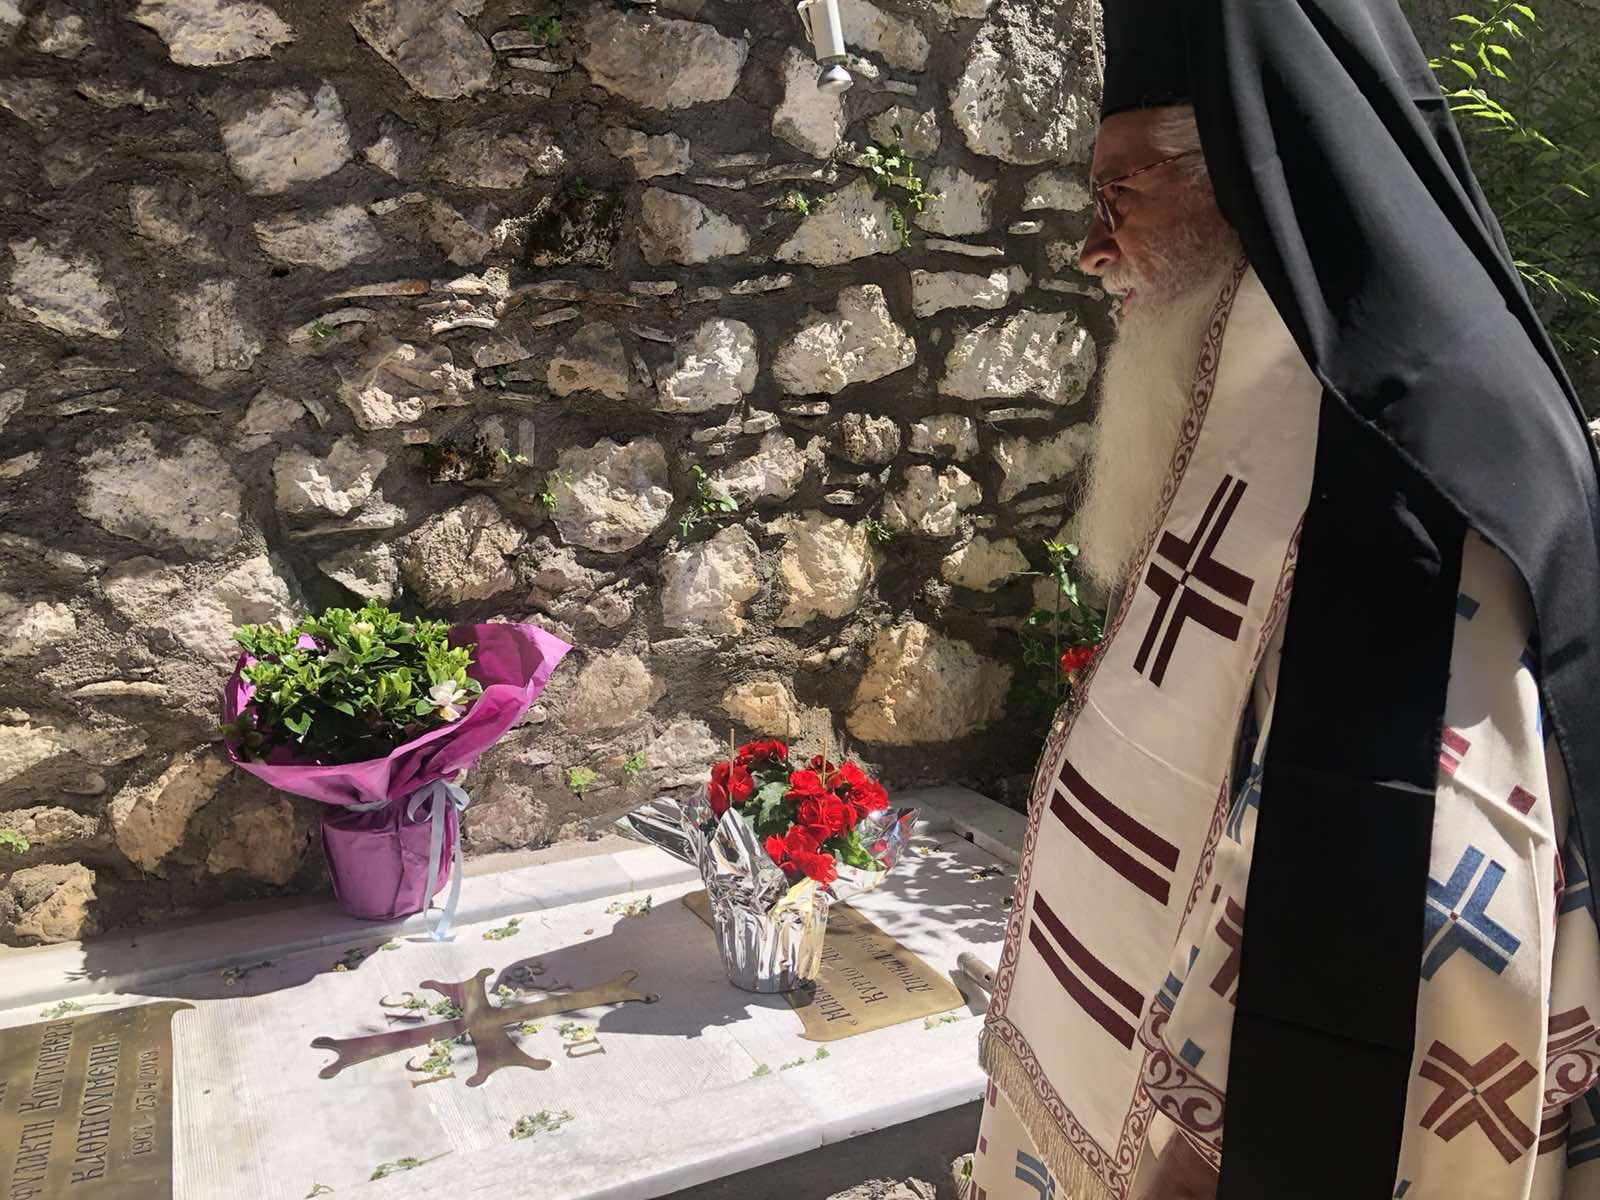 Υψηλάντης:Ετήσιο Μνημόσυνο μακαριστής Καθηγουμένης Ιεράς Μονής Αγ.Νικολάου Υψηλάντη(ΦΩΤΟ)